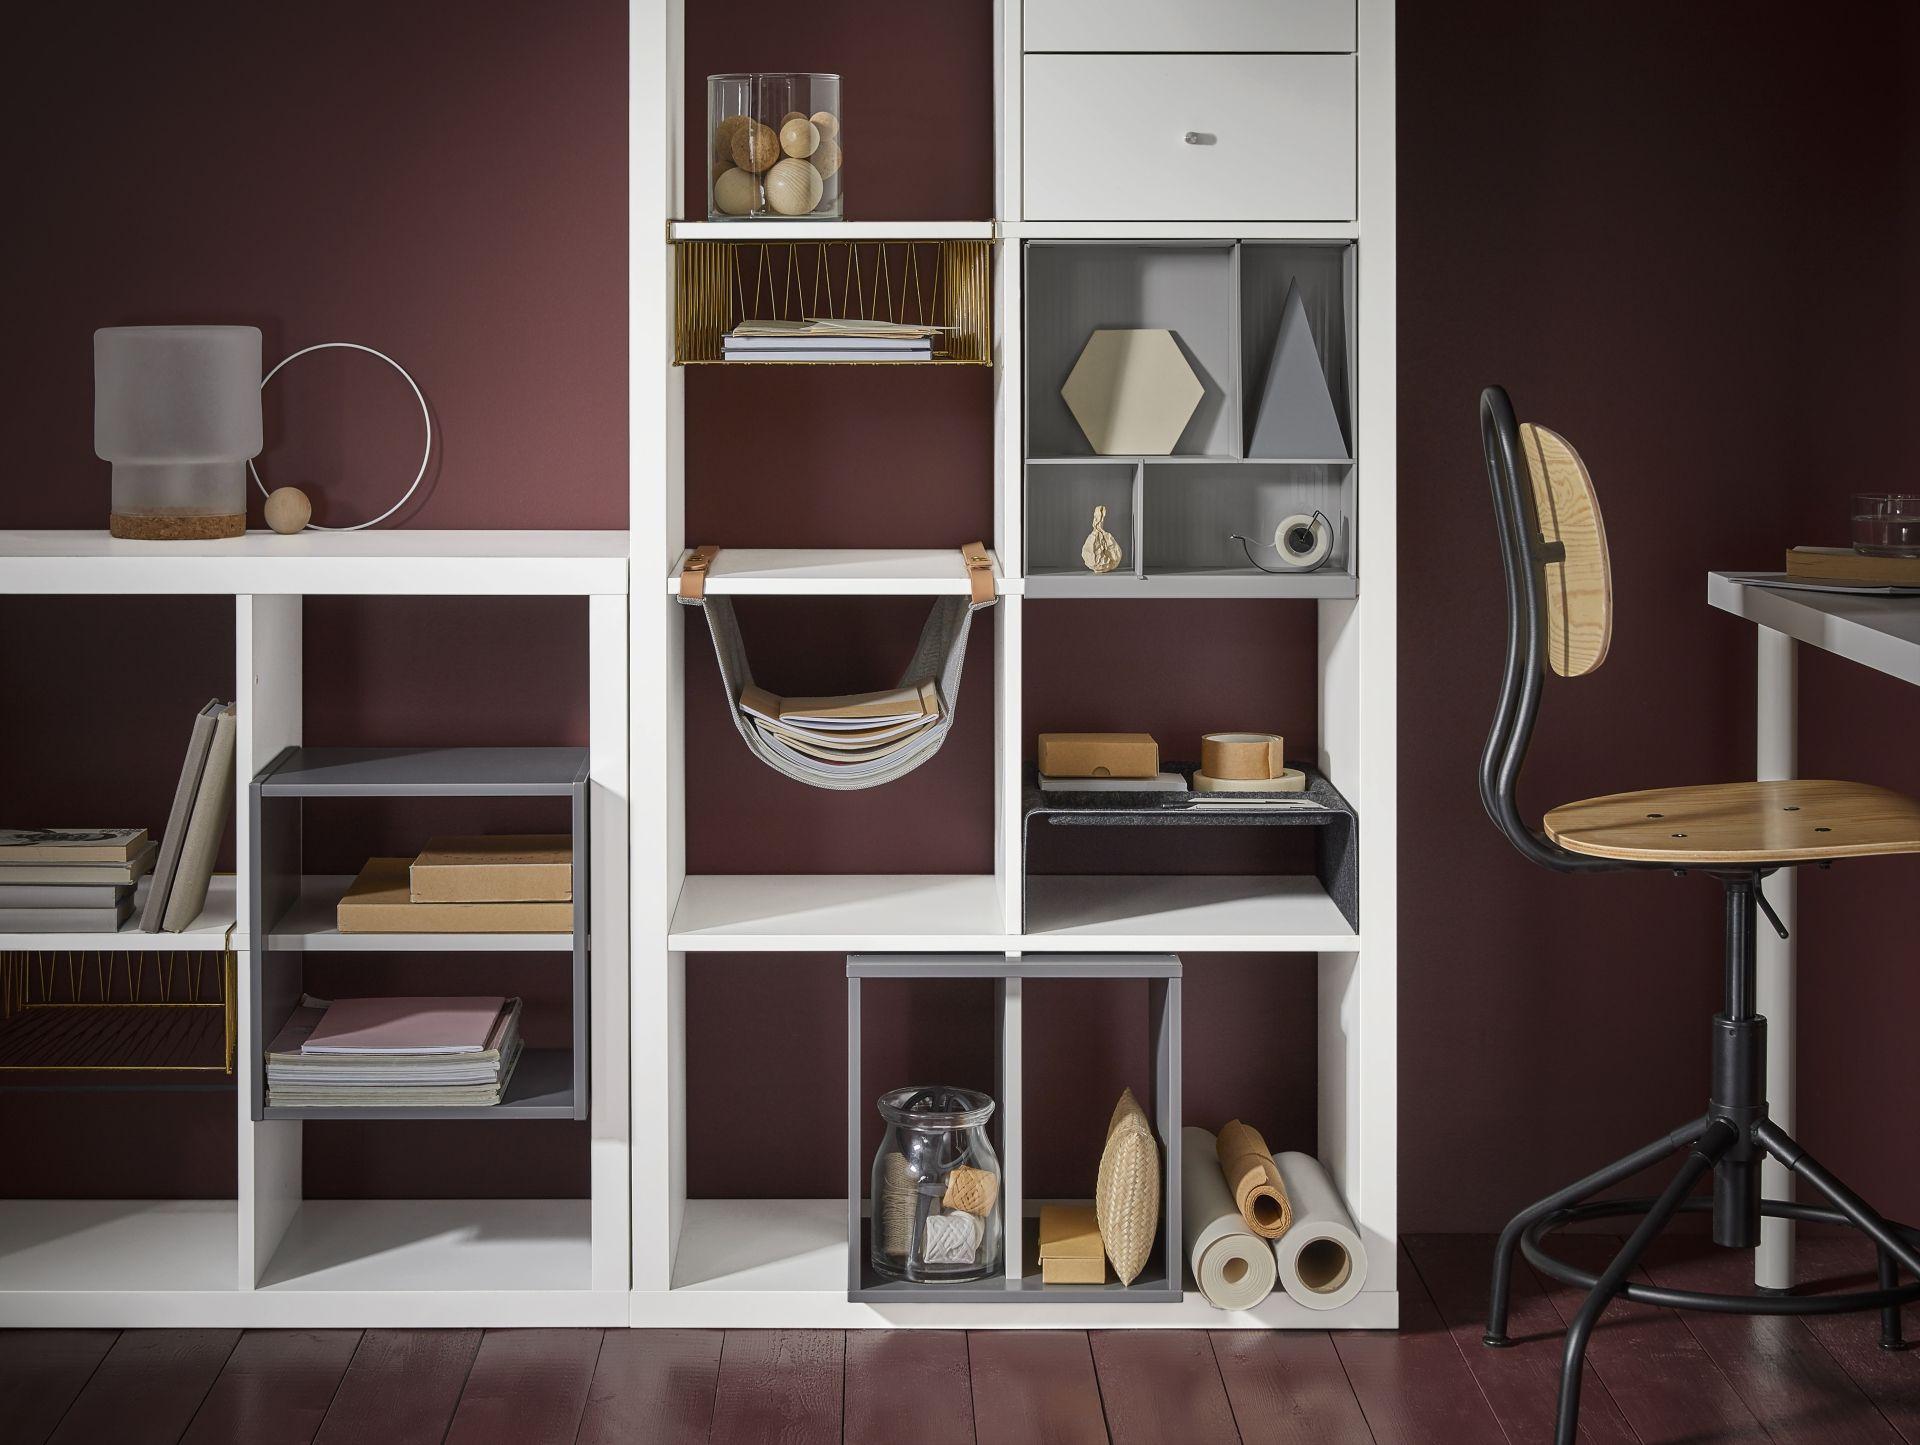 KALLAX open kasten | IKEA IKEAnederland inspiratie wooninspiratie ...